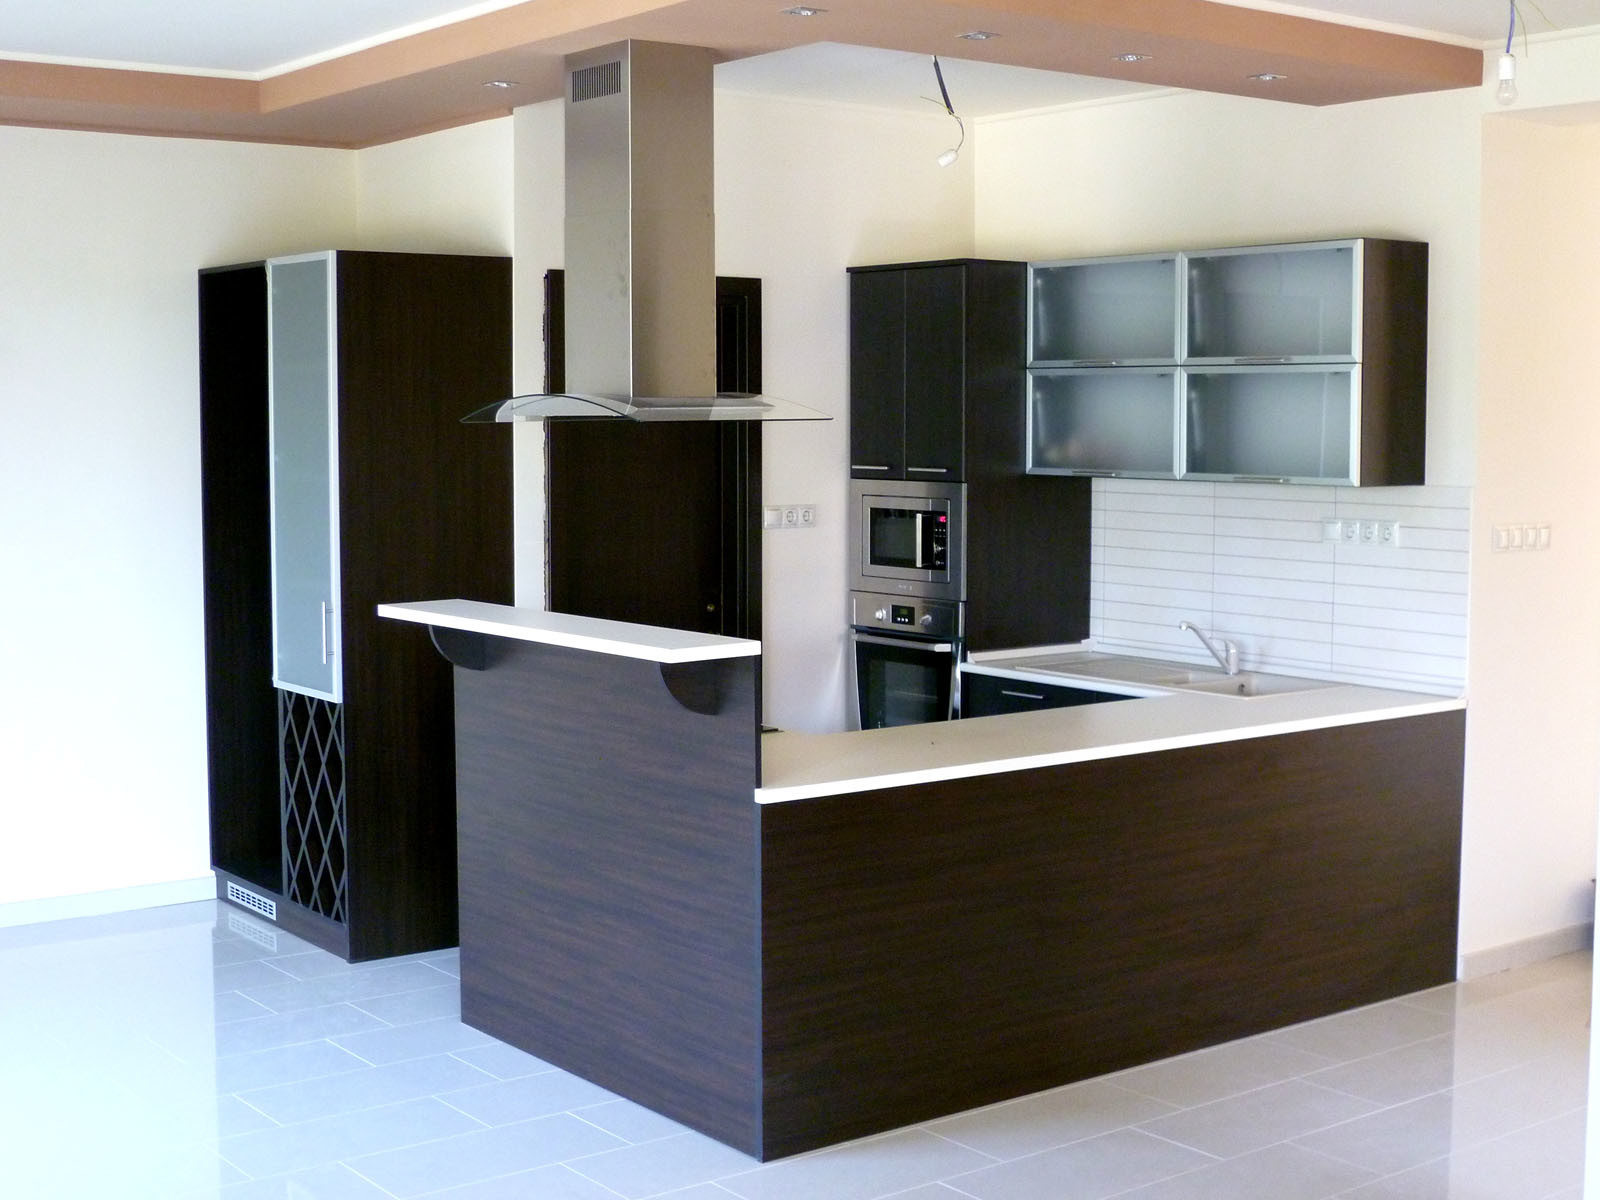 Modern konyhabútor wenge - bézs felülettel, félszigettel